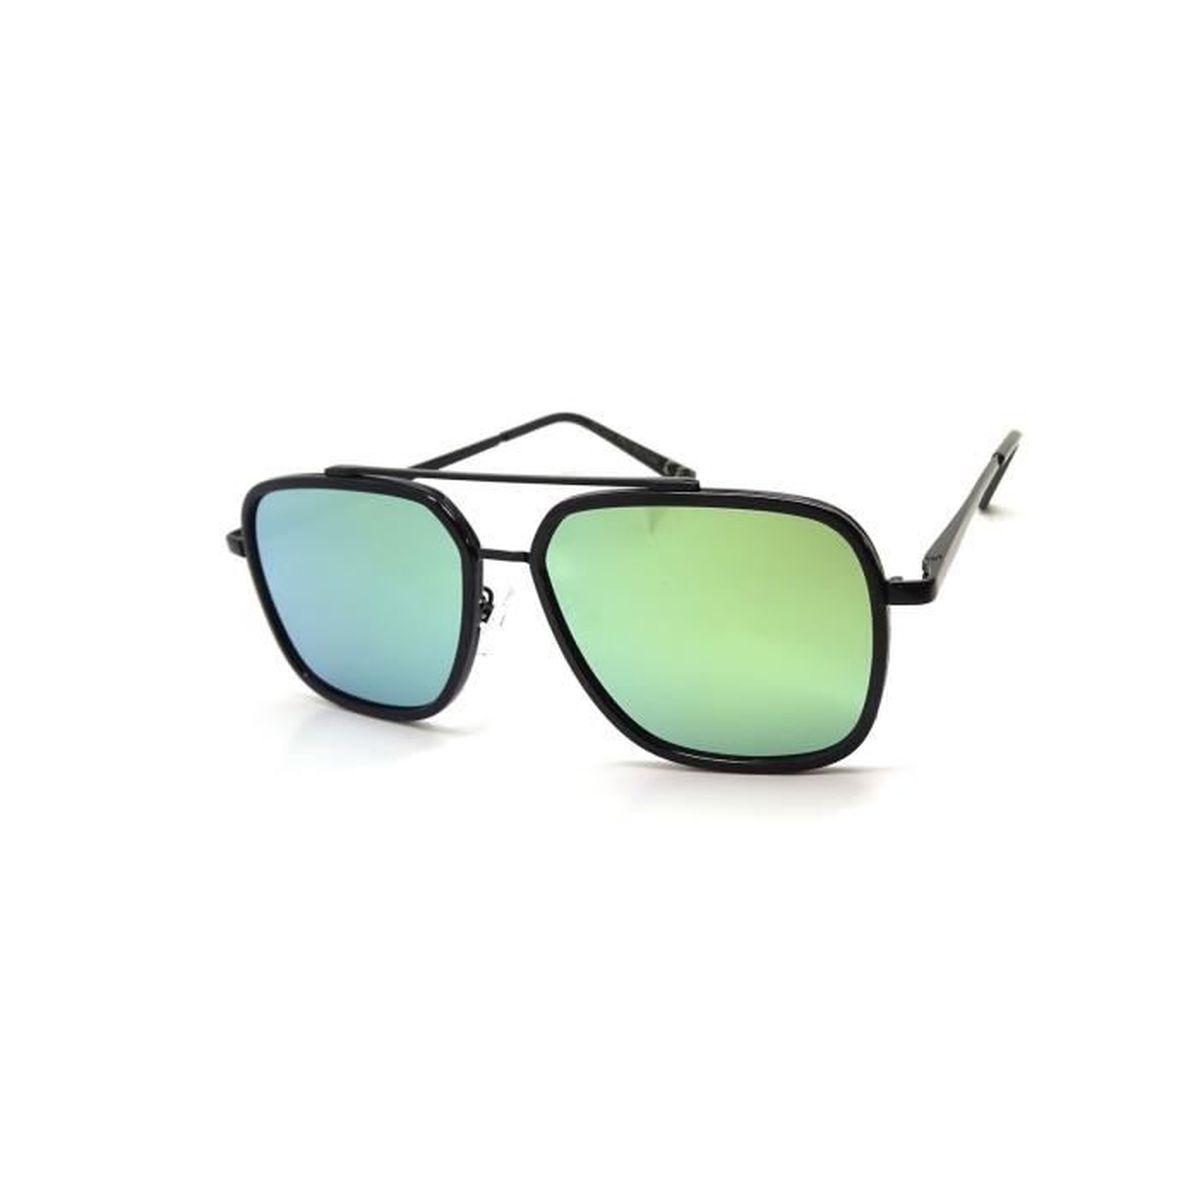 Haute Qualité Lunettes de pilote Lunettes de soleil années 70homme & Femme Lunettes de soleil Lunettes aviateur Effet miroir - Jaune - 445yXK